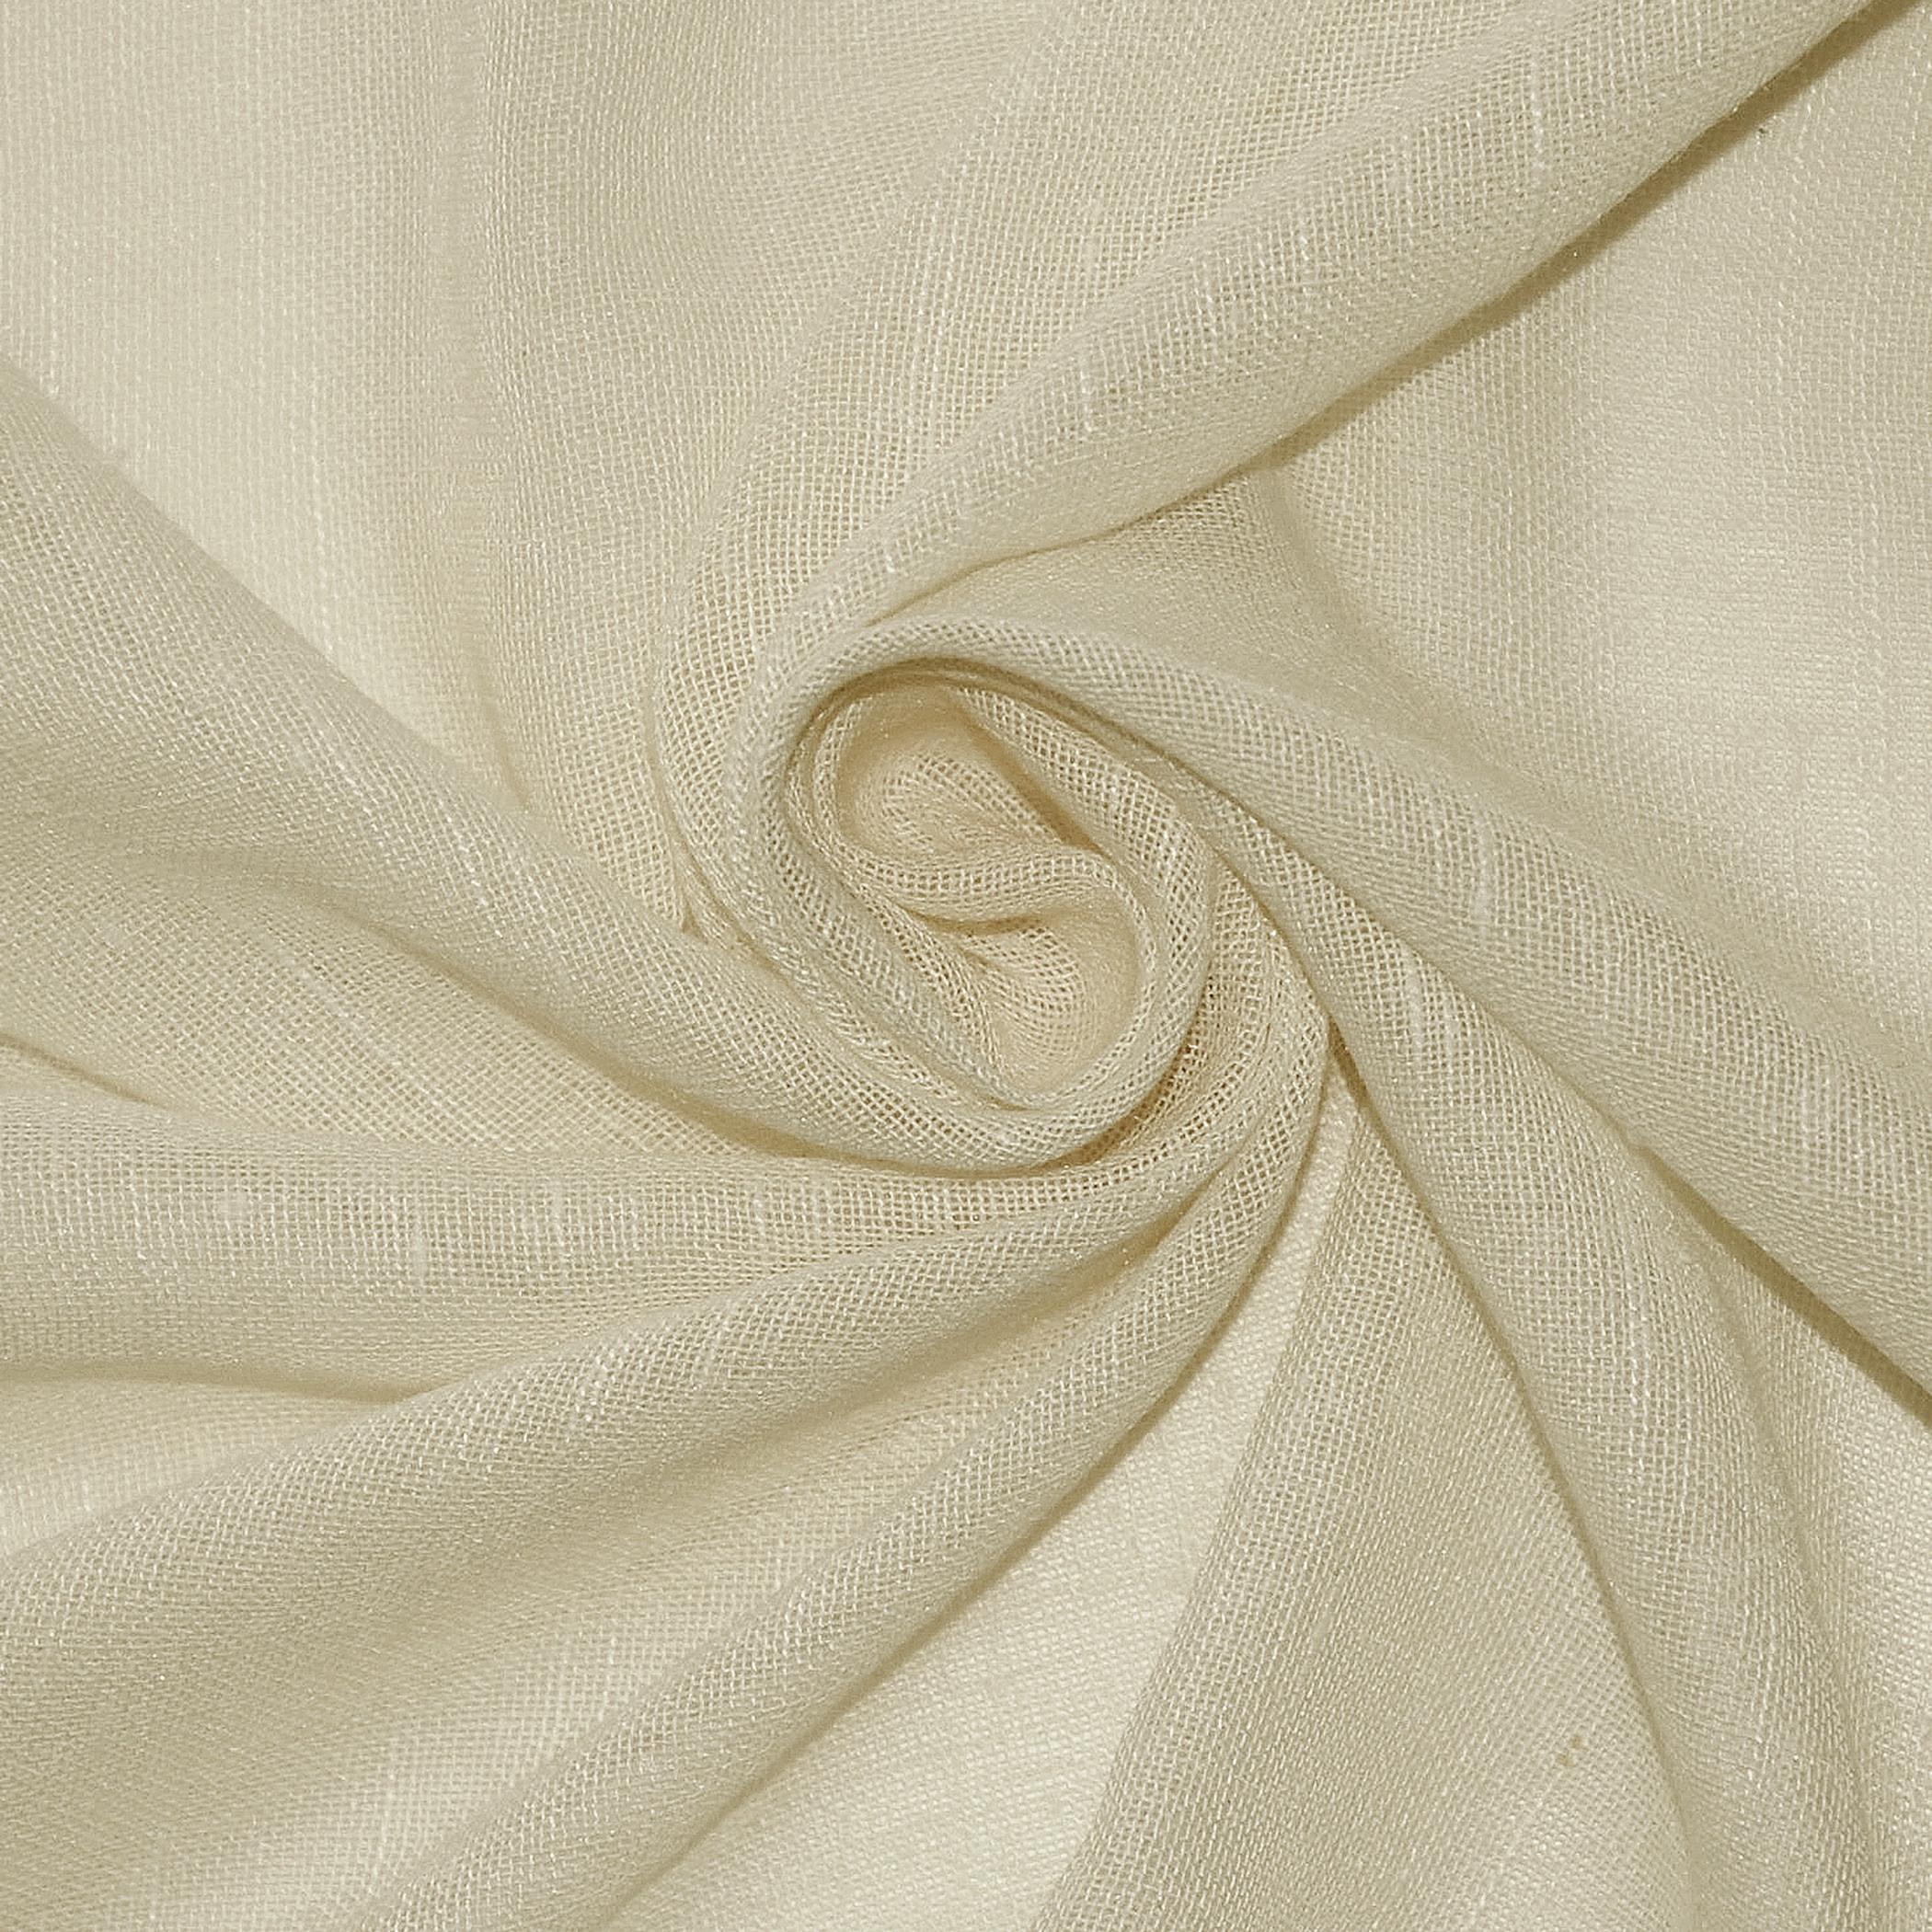 Archaeo Slub Textured Linen Blend Grommet Top Curtain Within Archaeo Slub Textured Linen Blend Grommet Top Curtains (View 17 of 20)